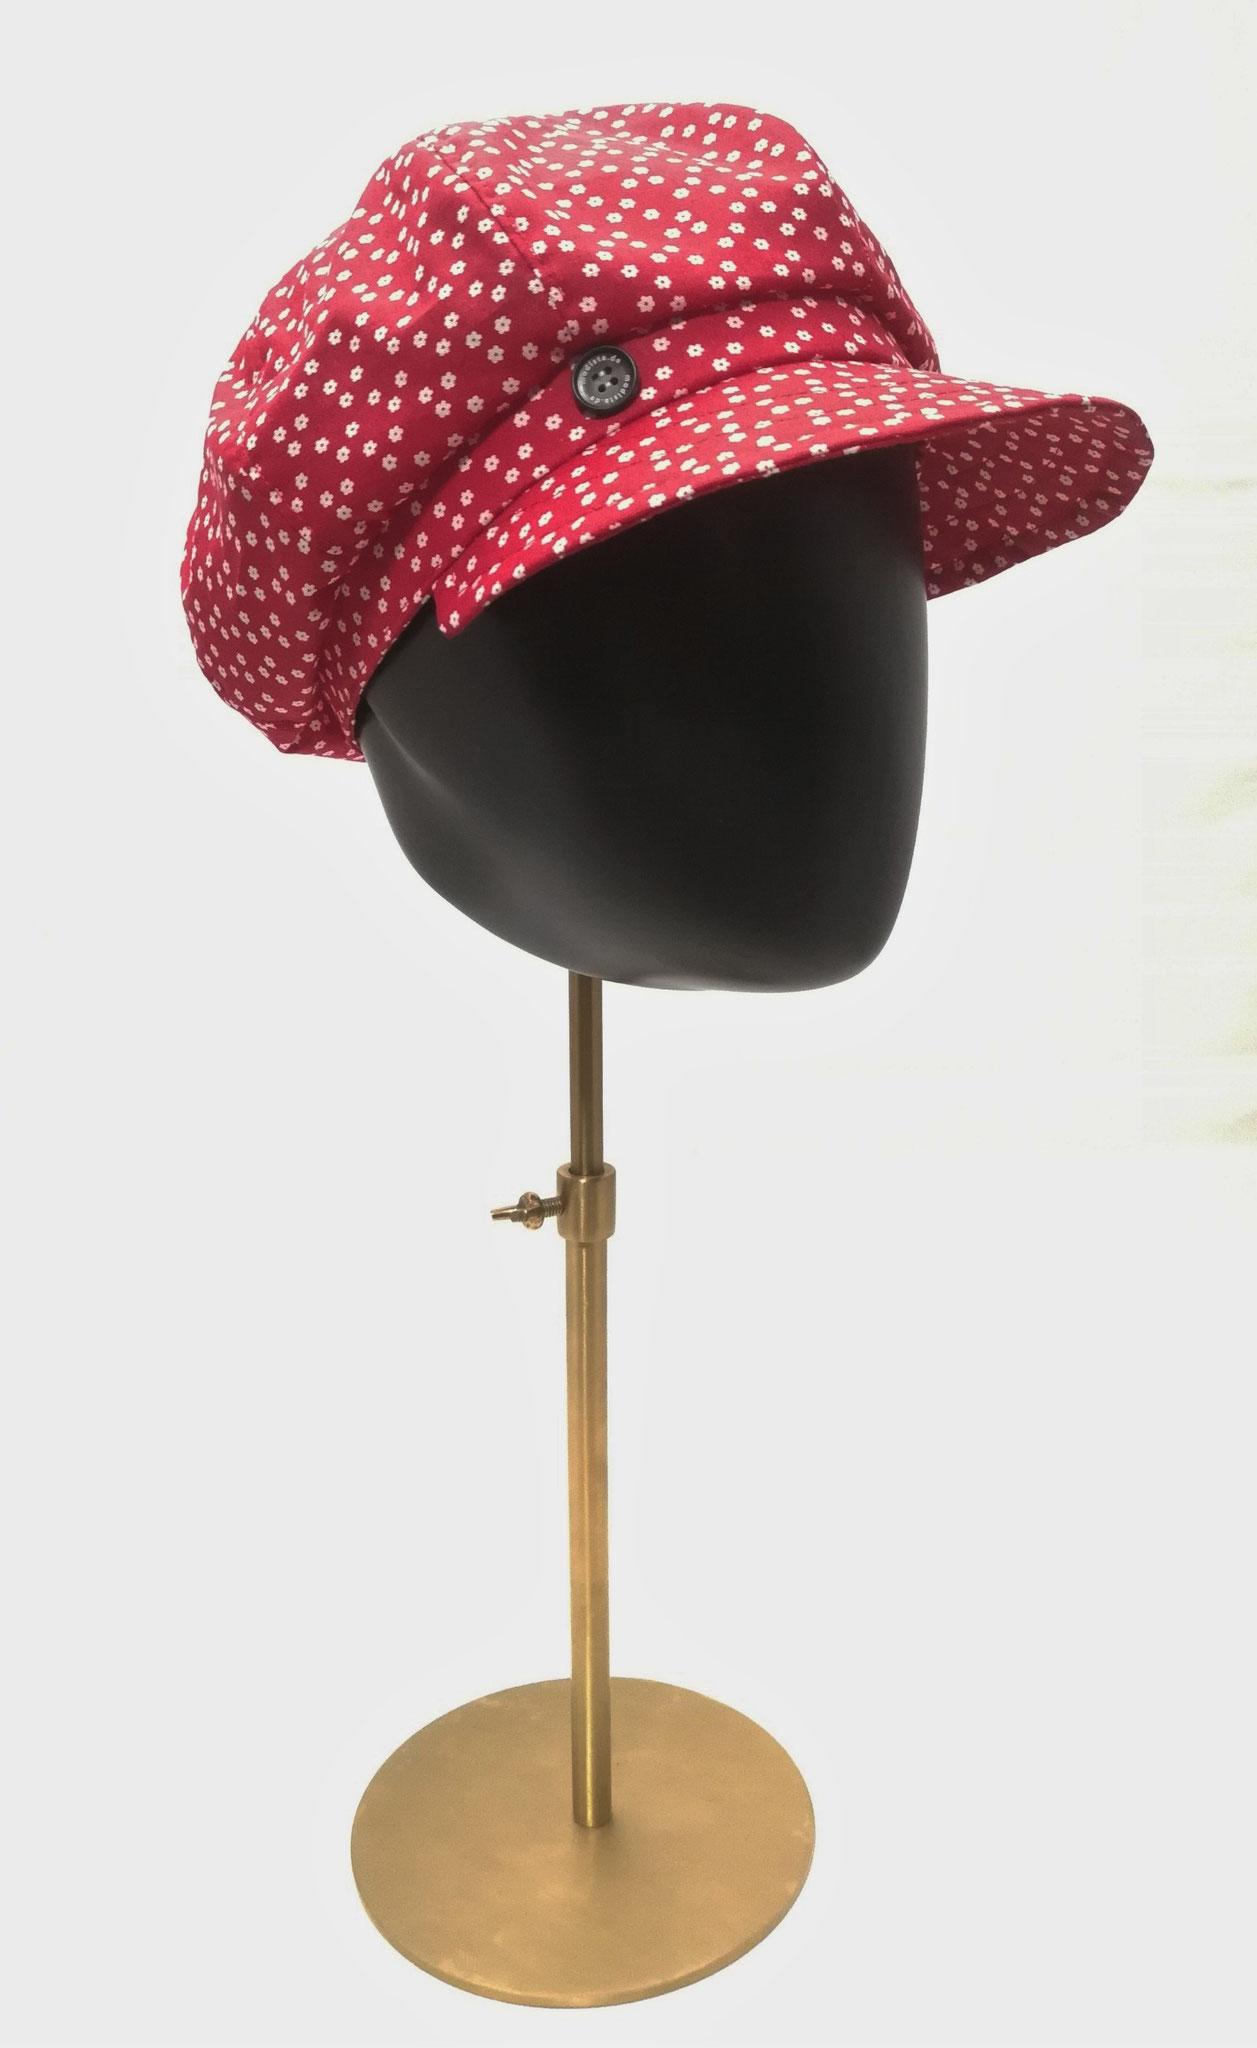 Ballonmütze reine Baumwolle, rot mit Blümchen, Manufakturarbeit,  bestellbar Preis 49,90 €